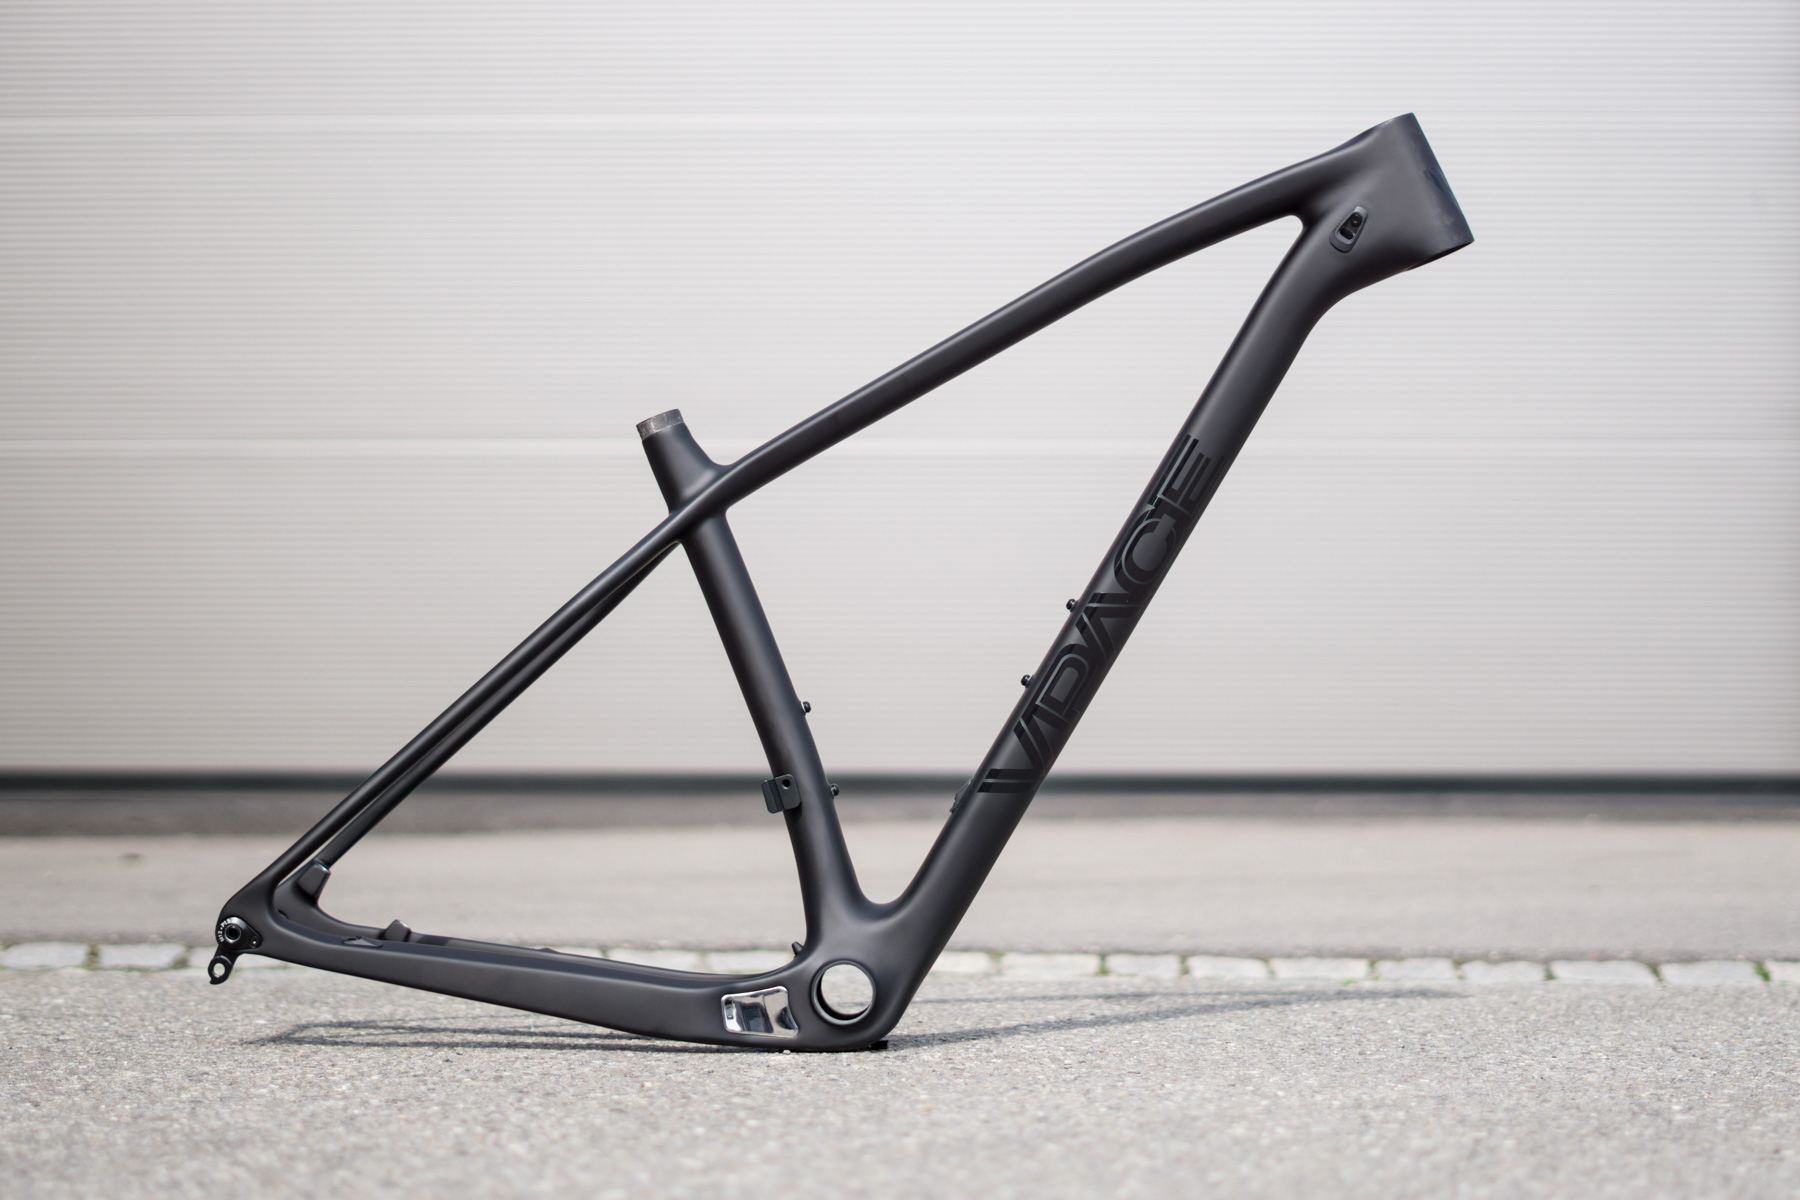 29 Zoll Kohlefaser Fahrradrahmen Carbonrahmen Mtb Rahmen Mountainbike Frame Disc